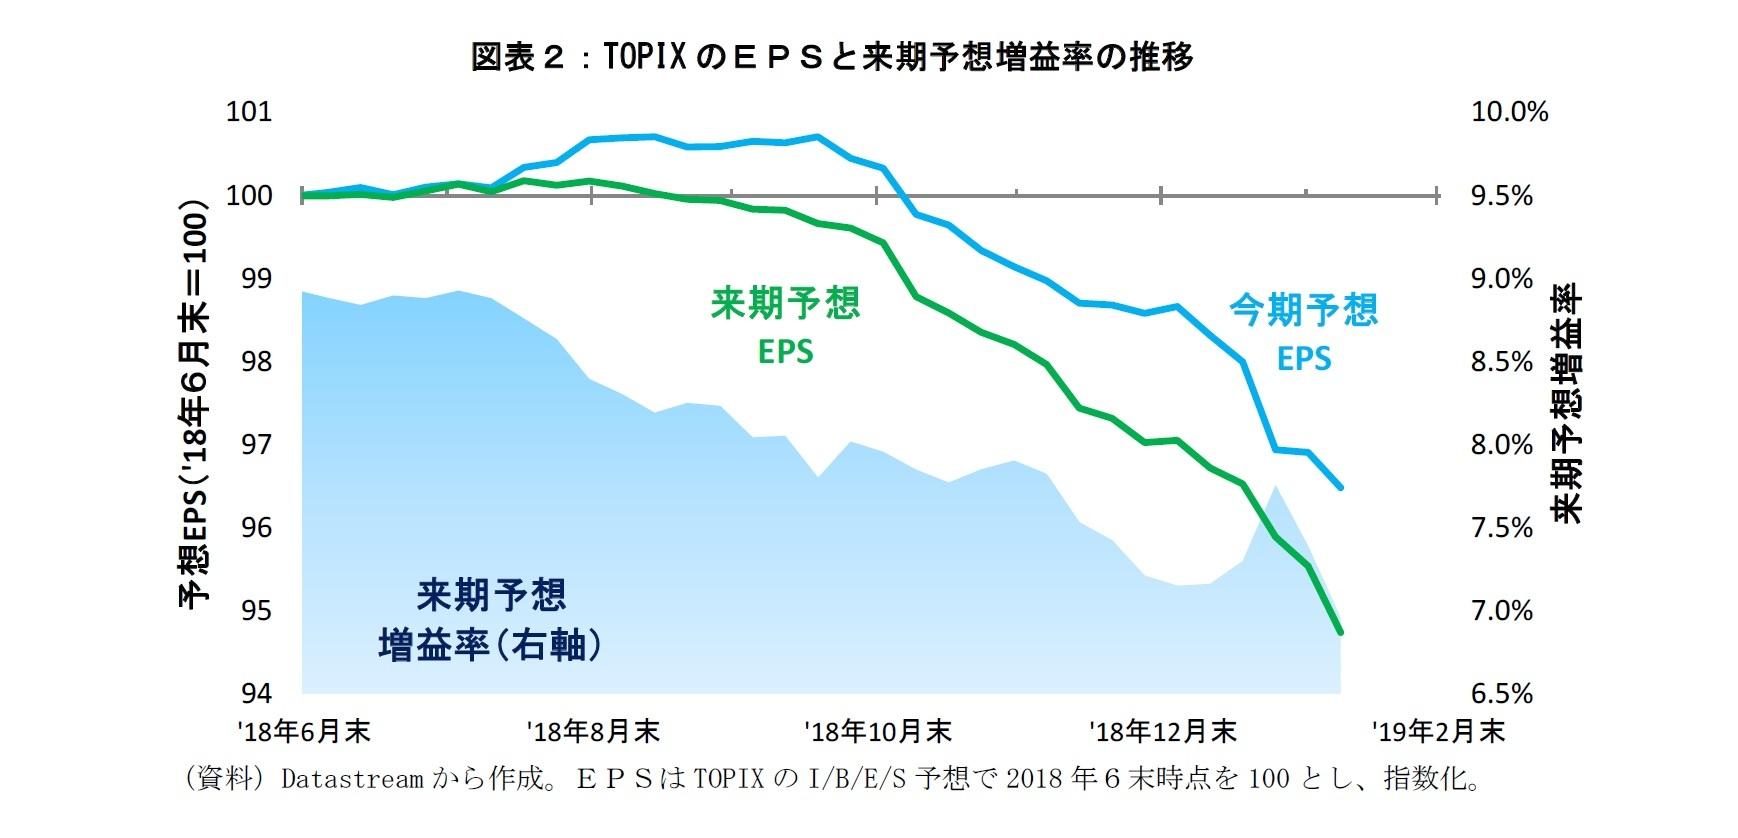 図表2:TOPIXのEPSと来期予想増益率の推移